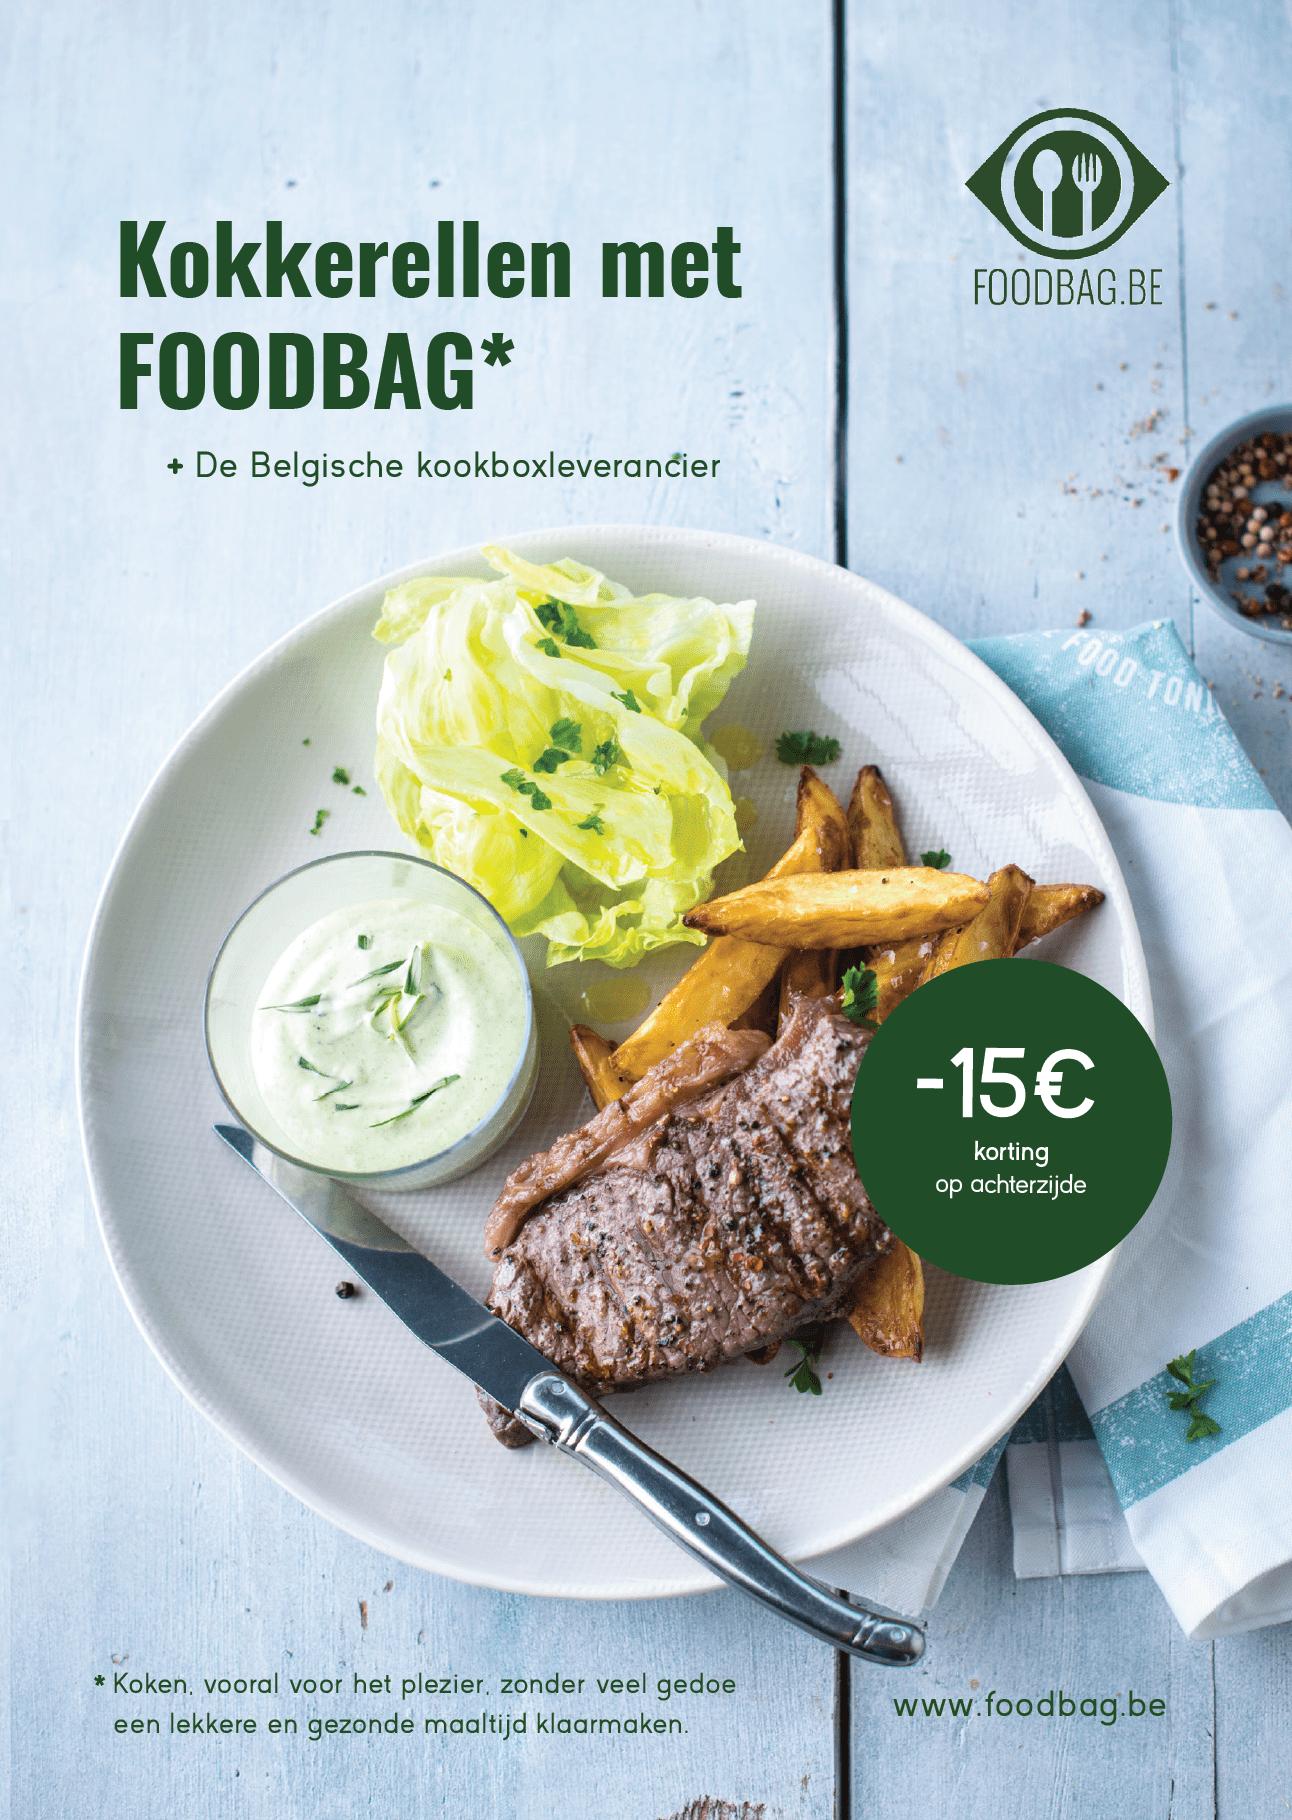 Copywriting Het Schrijfhok voor Foodbag in Gent voor publireportage in GVA